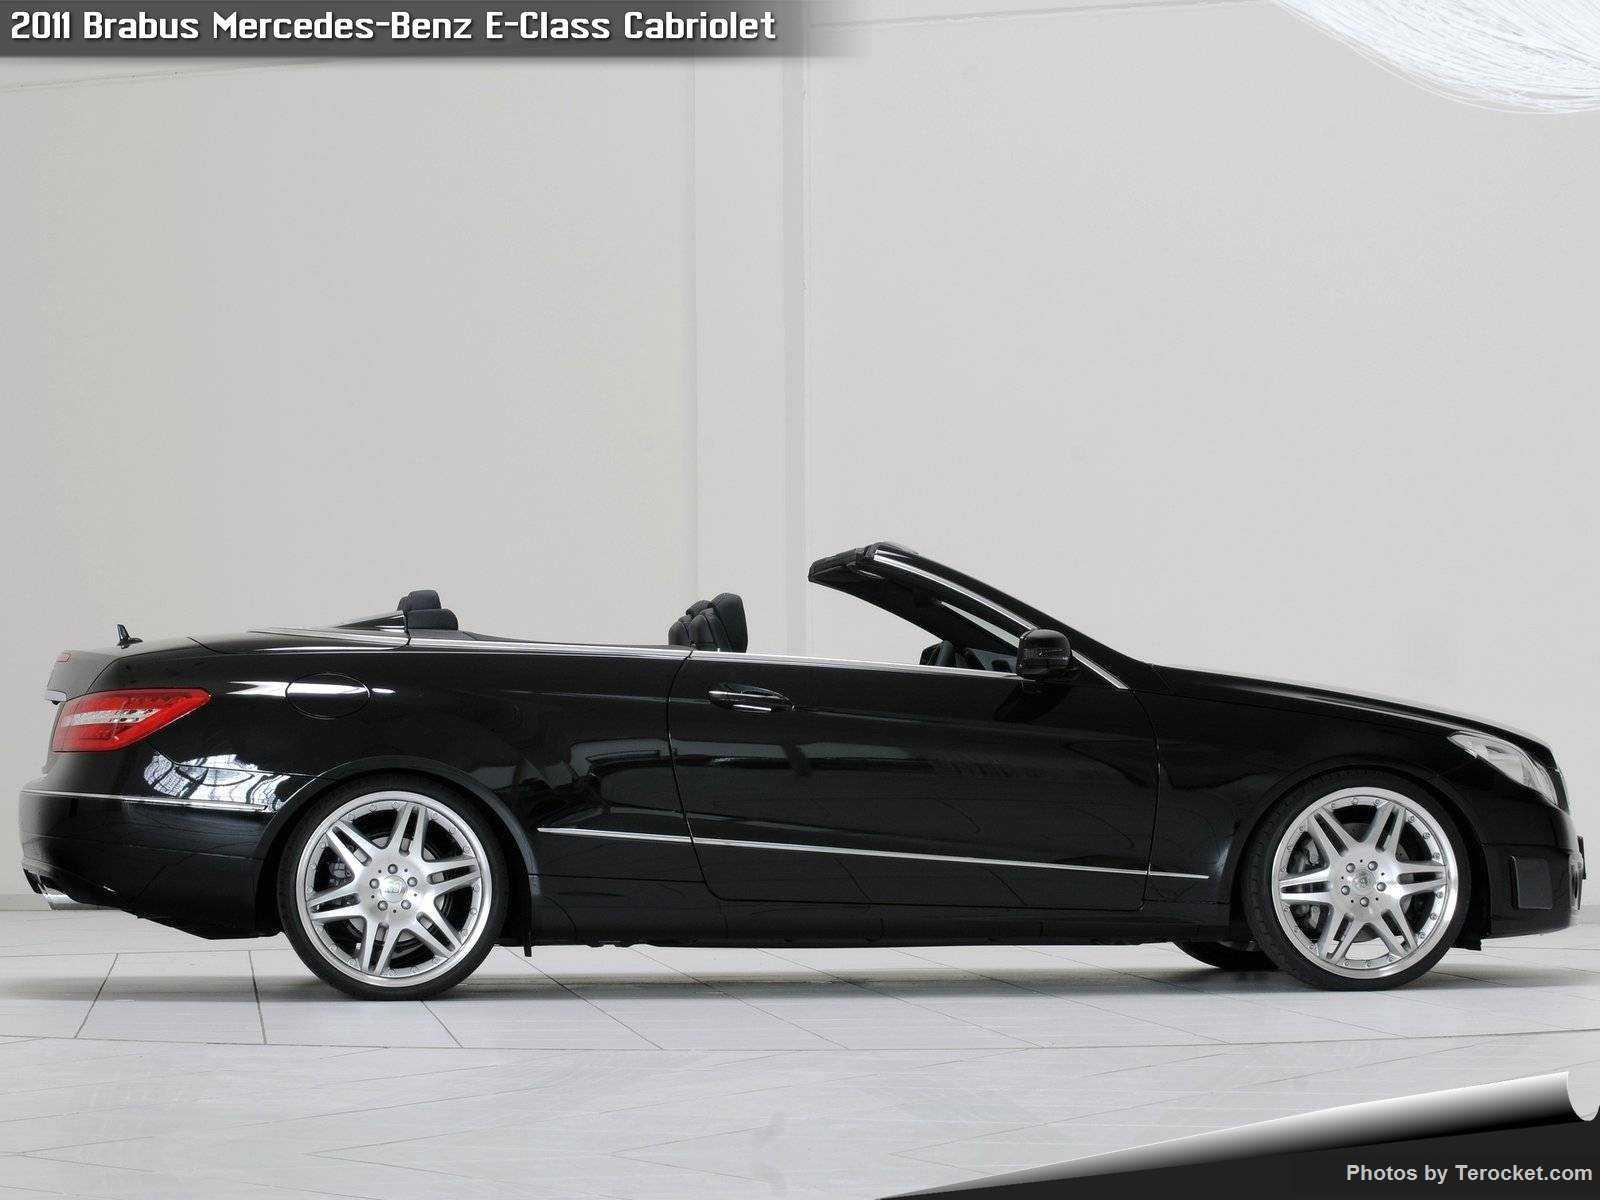 Hình ảnh xe ô tô Brabus Mercedes-Benz E-Class Cabriolet 2011 & nội ngoại thất